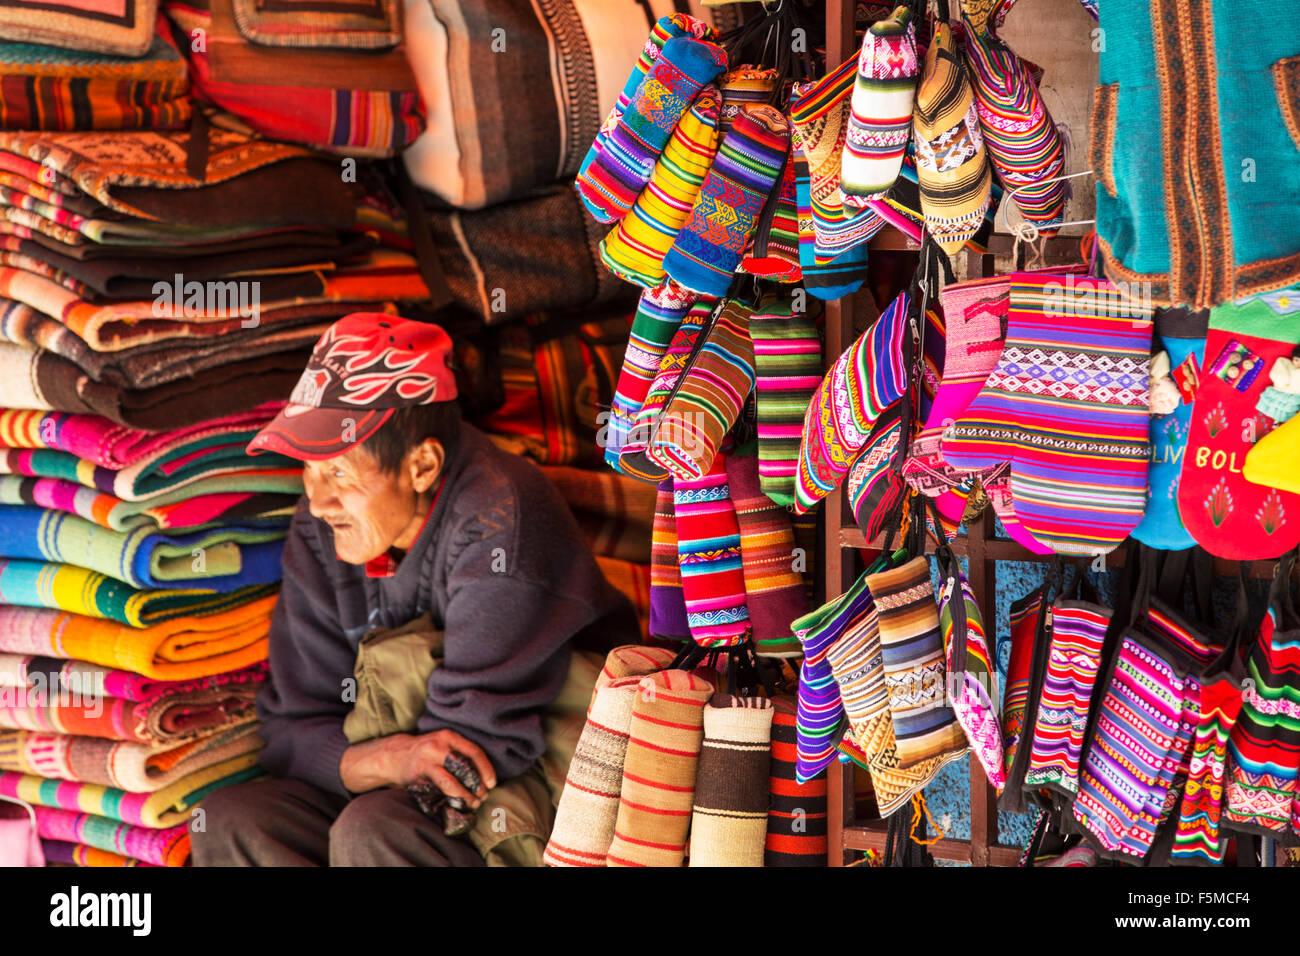 Oap im genes de stock oap fotos de stock alamy for Telas del sur